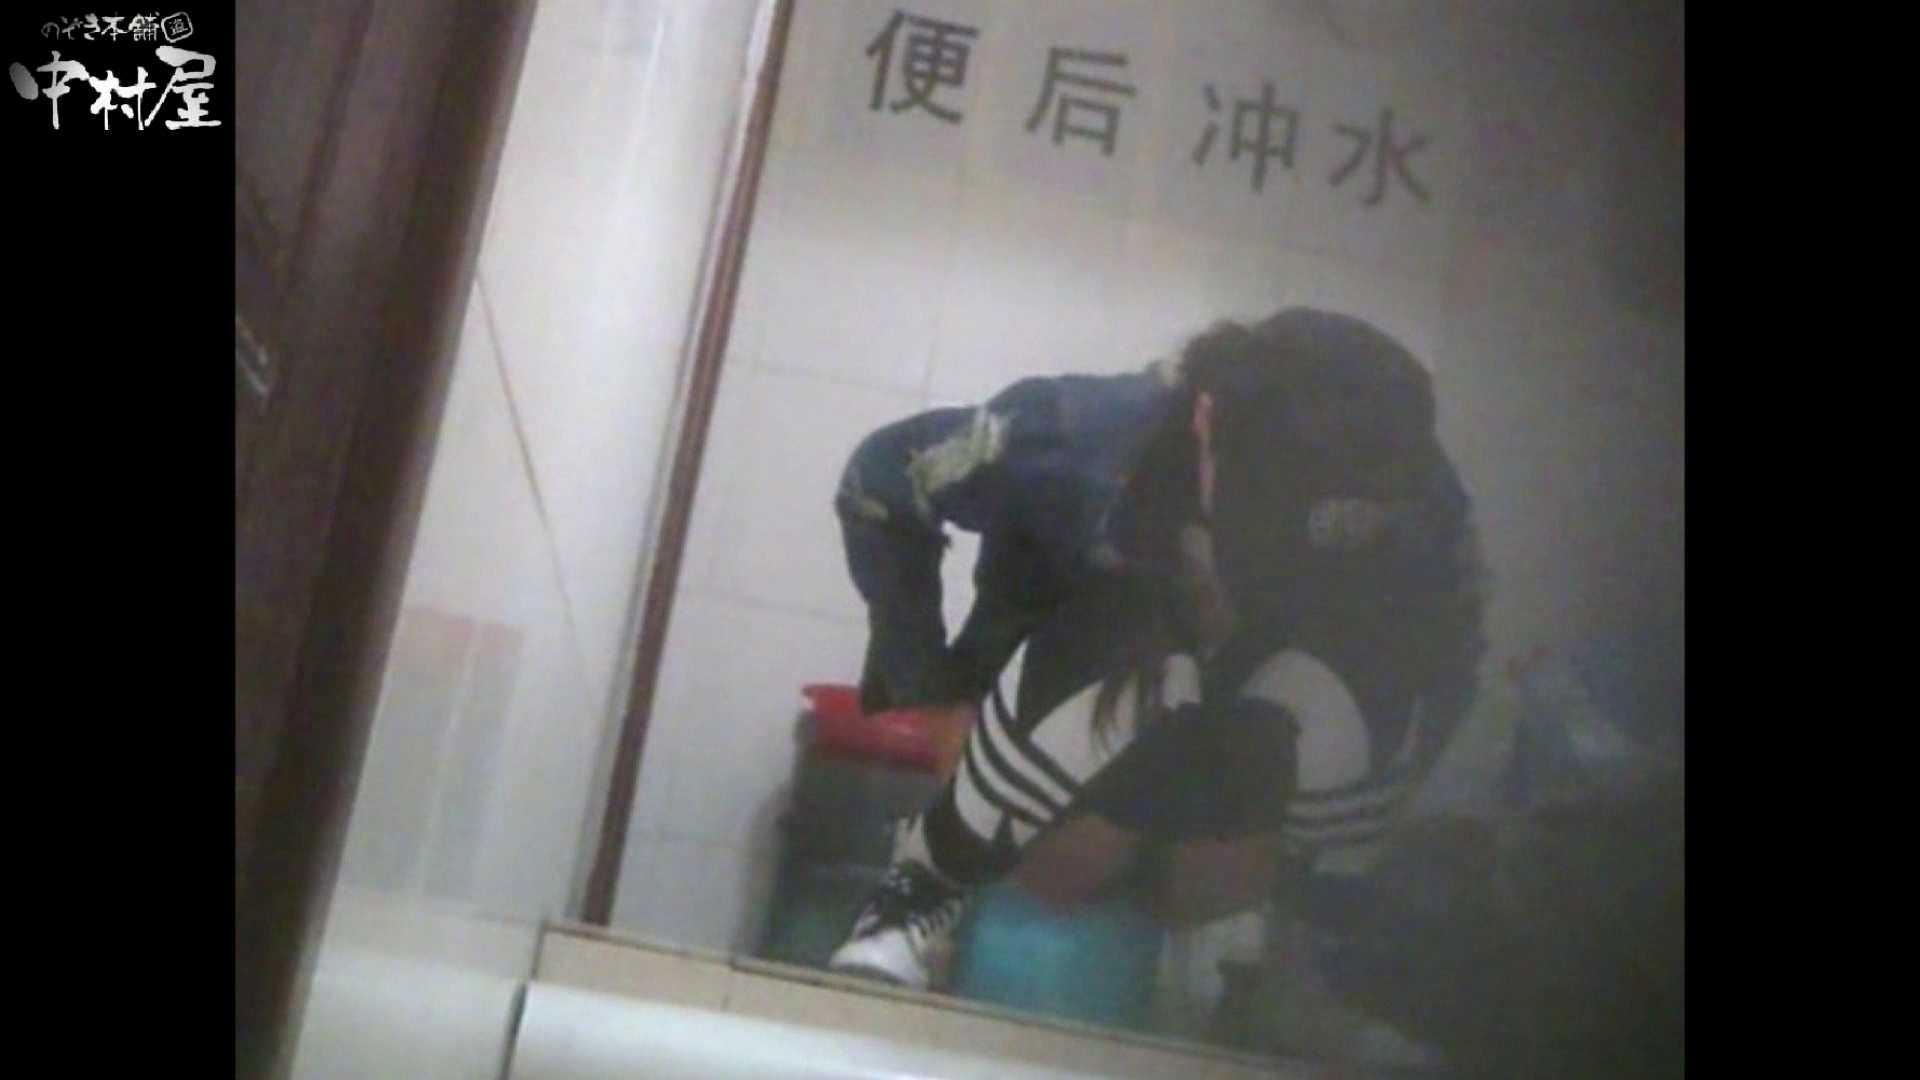 李さんの盗撮日記 Vol.13 盗撮 おまんこ動画流出 109画像 67